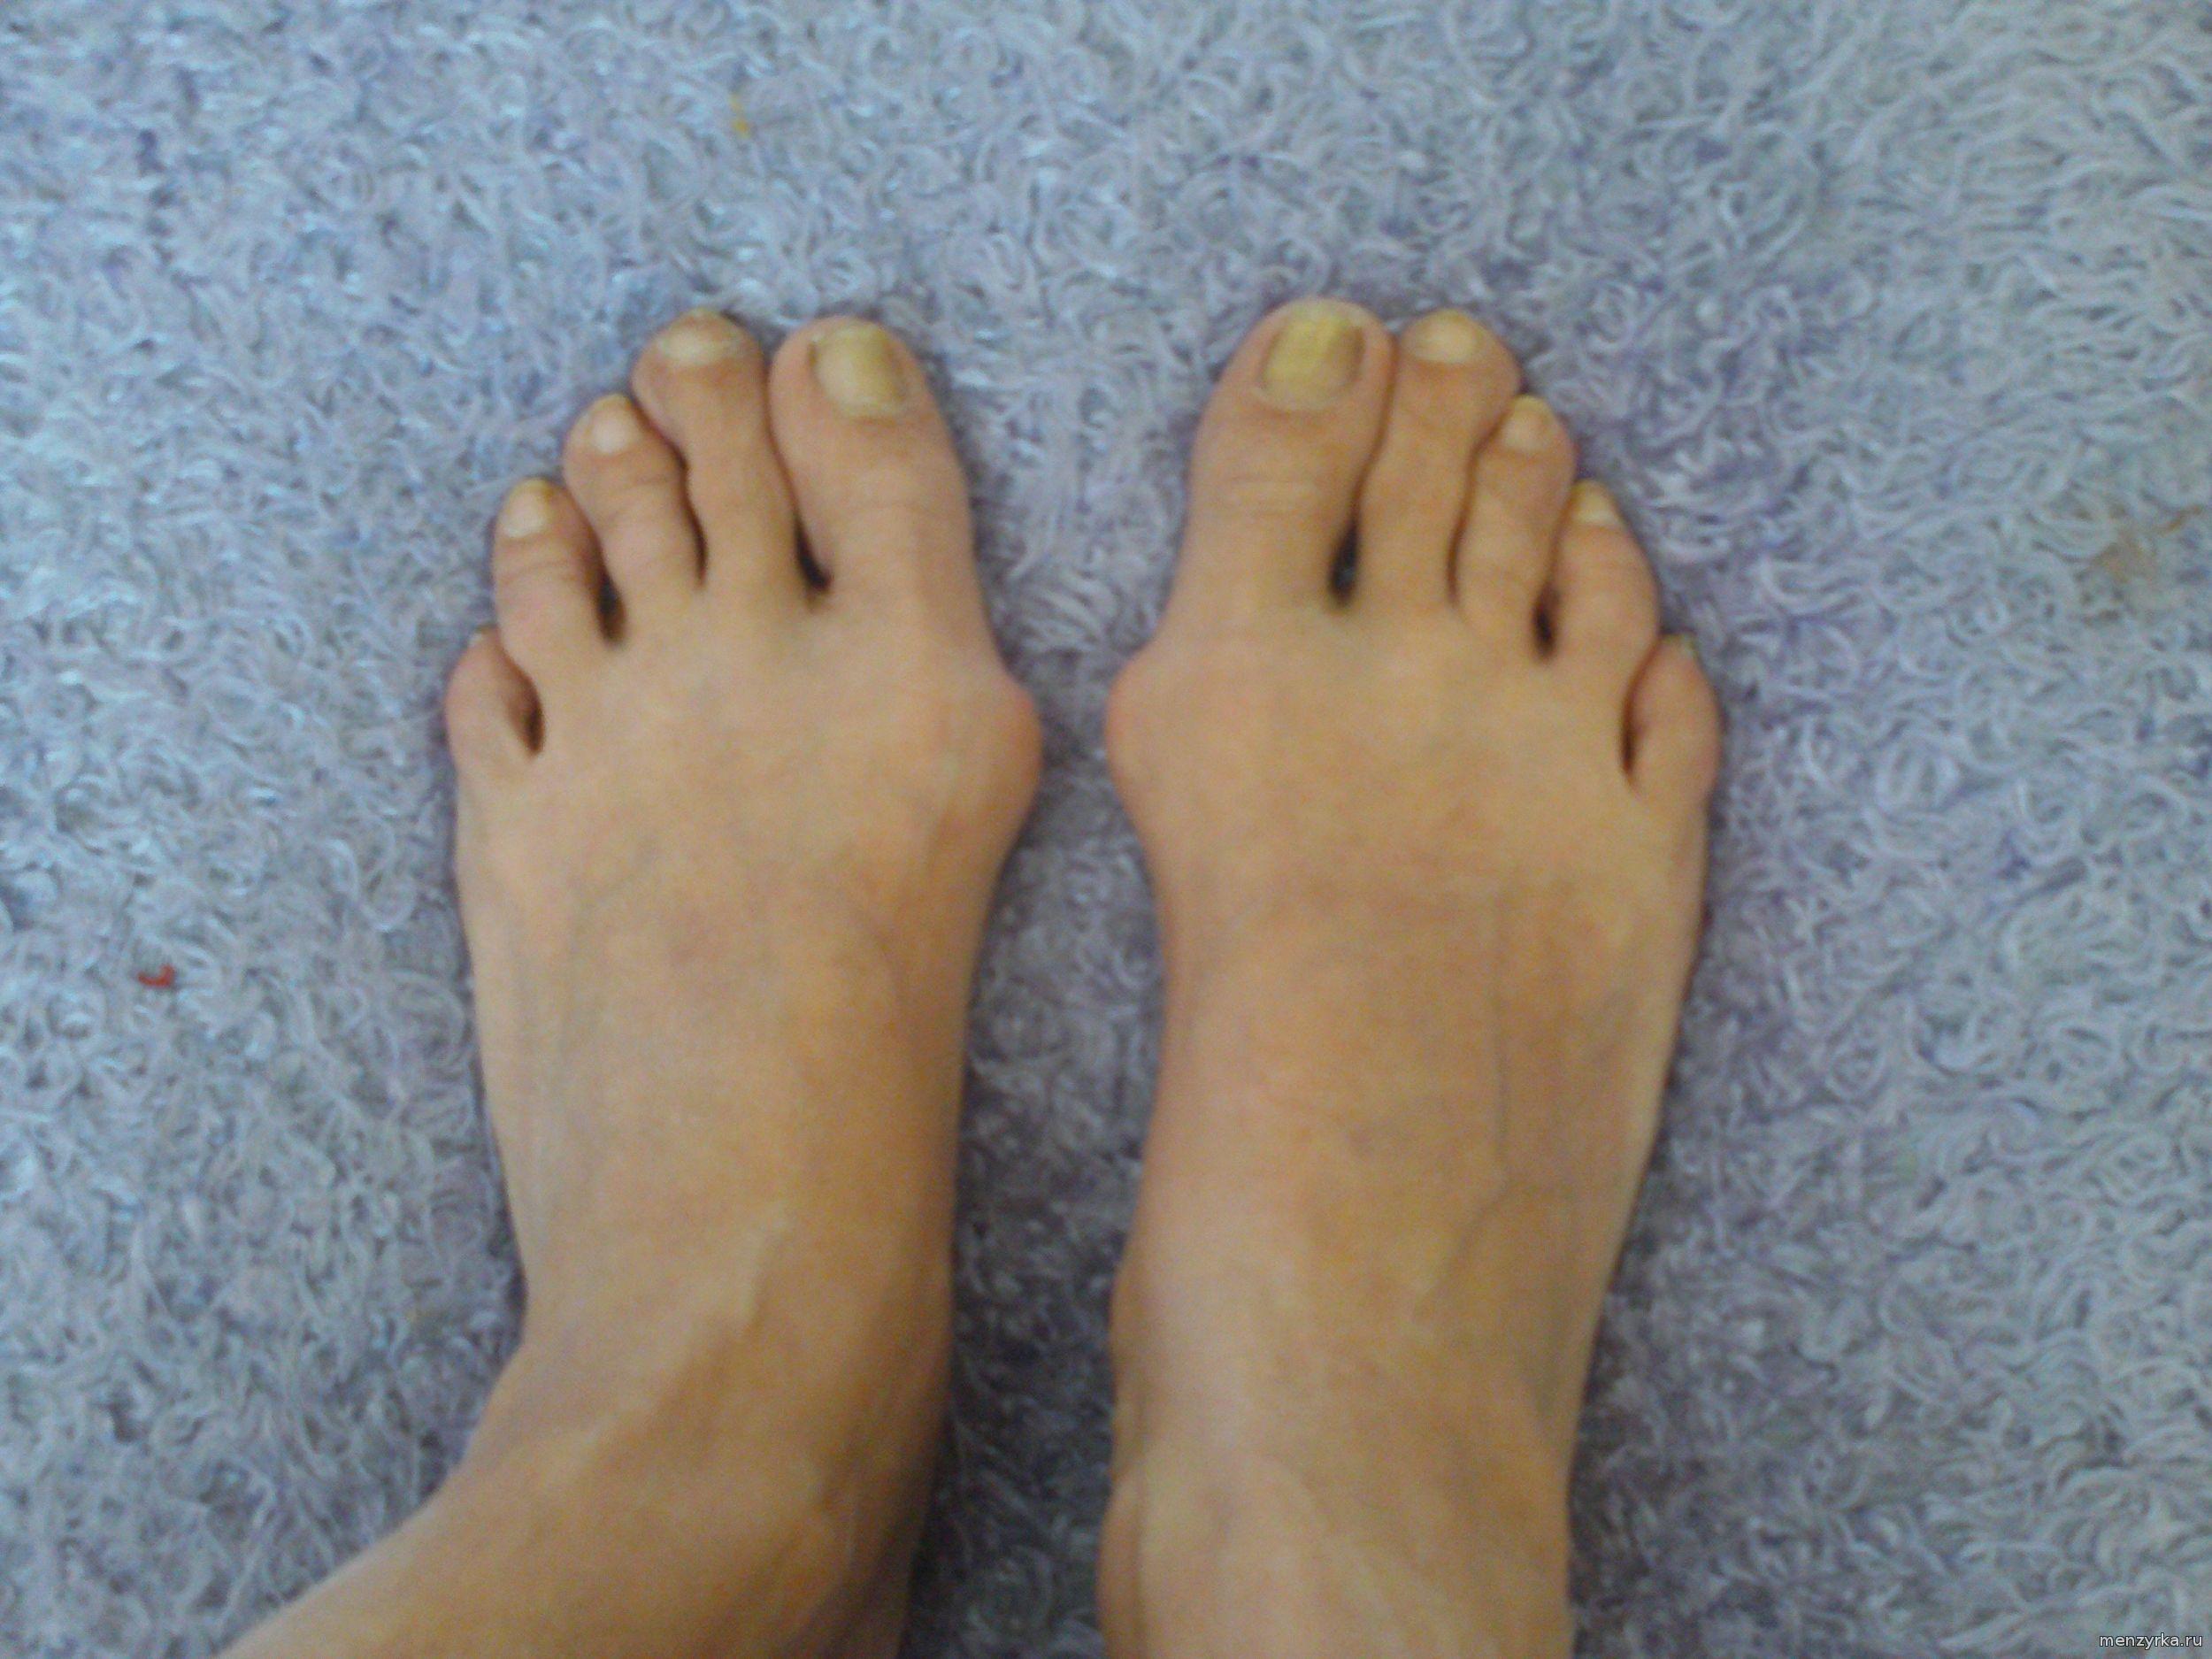 Косточки на ногах: как избавиться? Новый метод 76